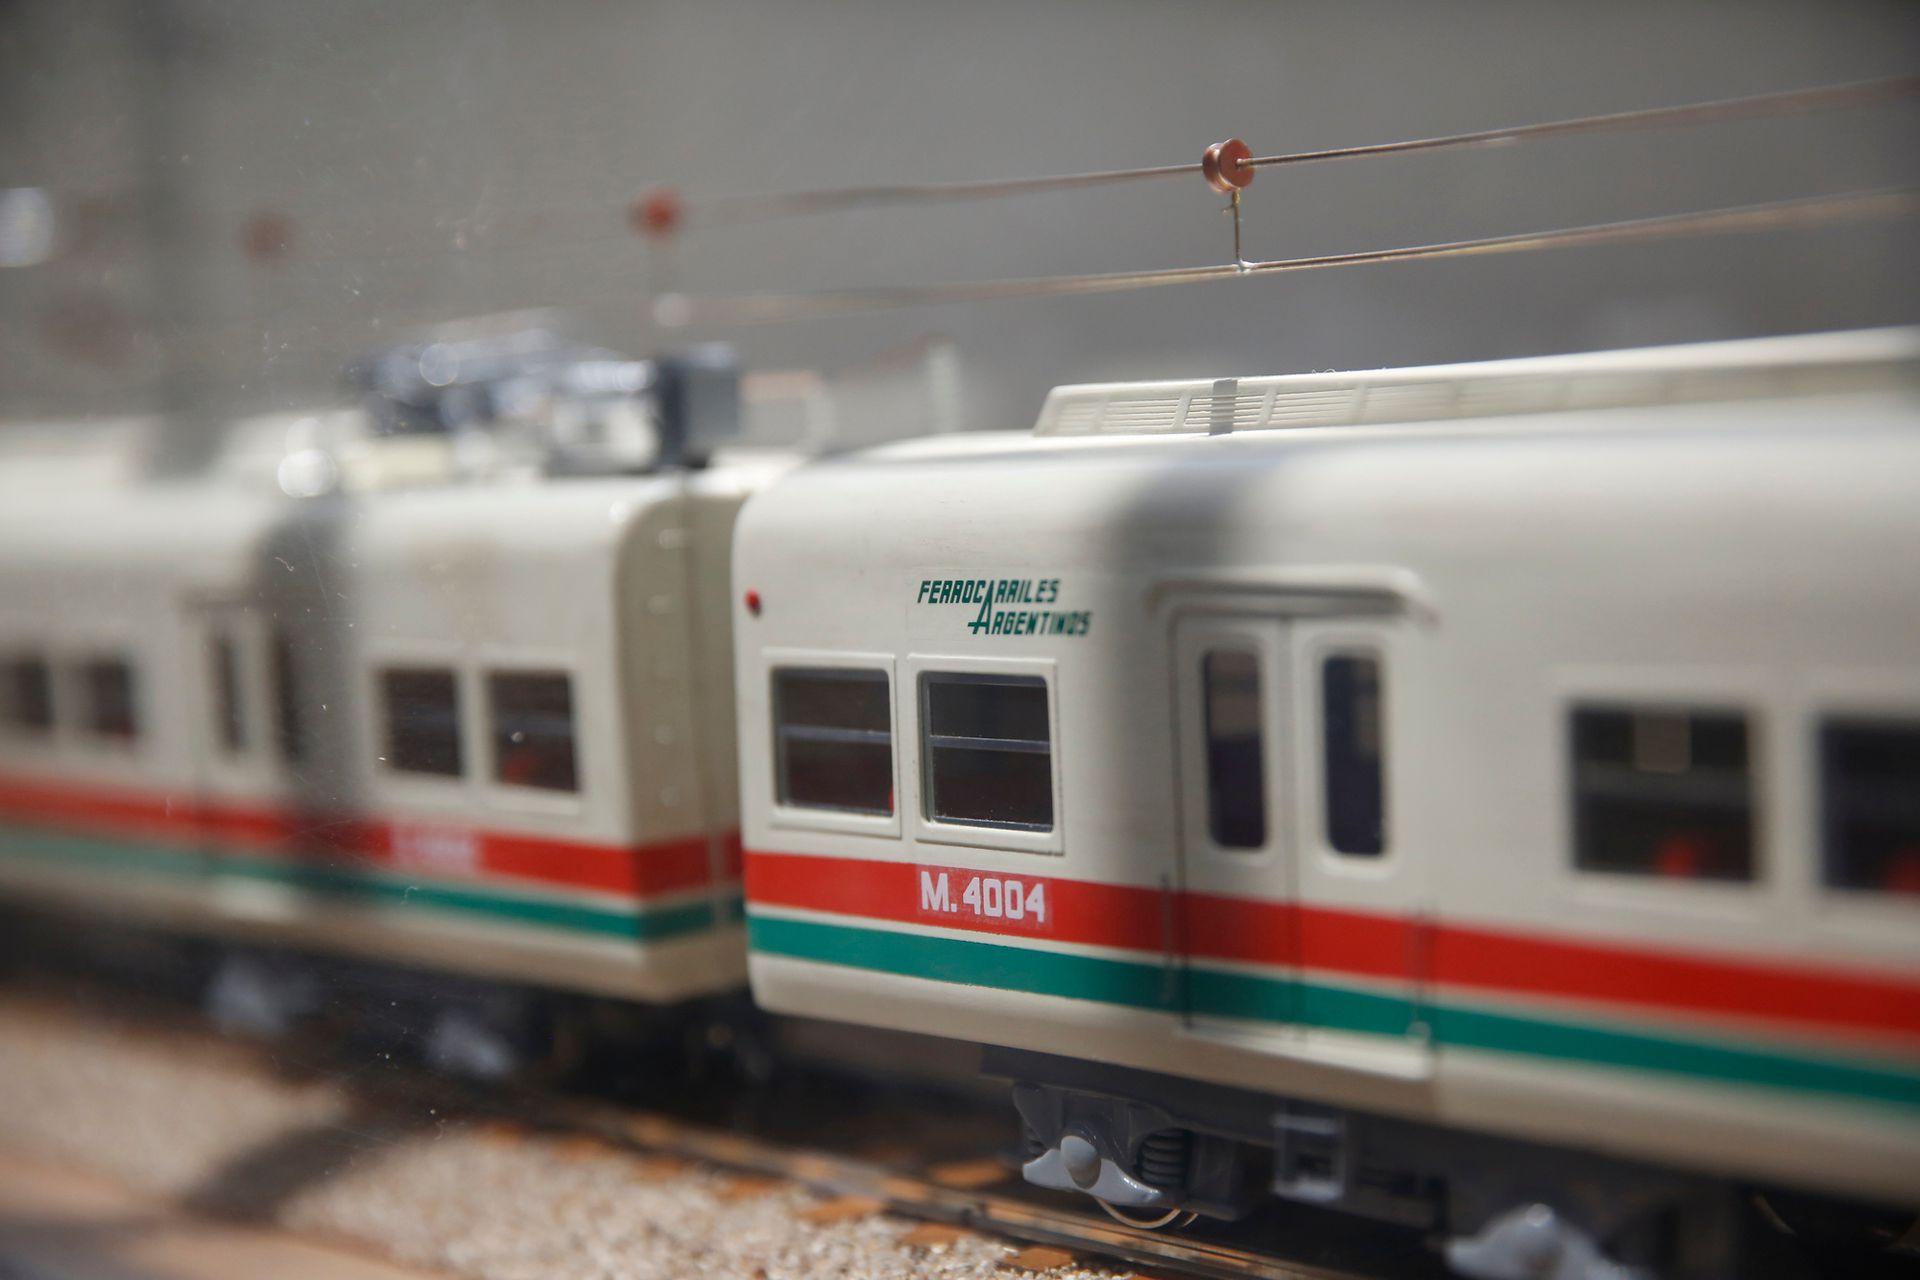 También pueden verse miniaturas de trenes que ya no están en circulación